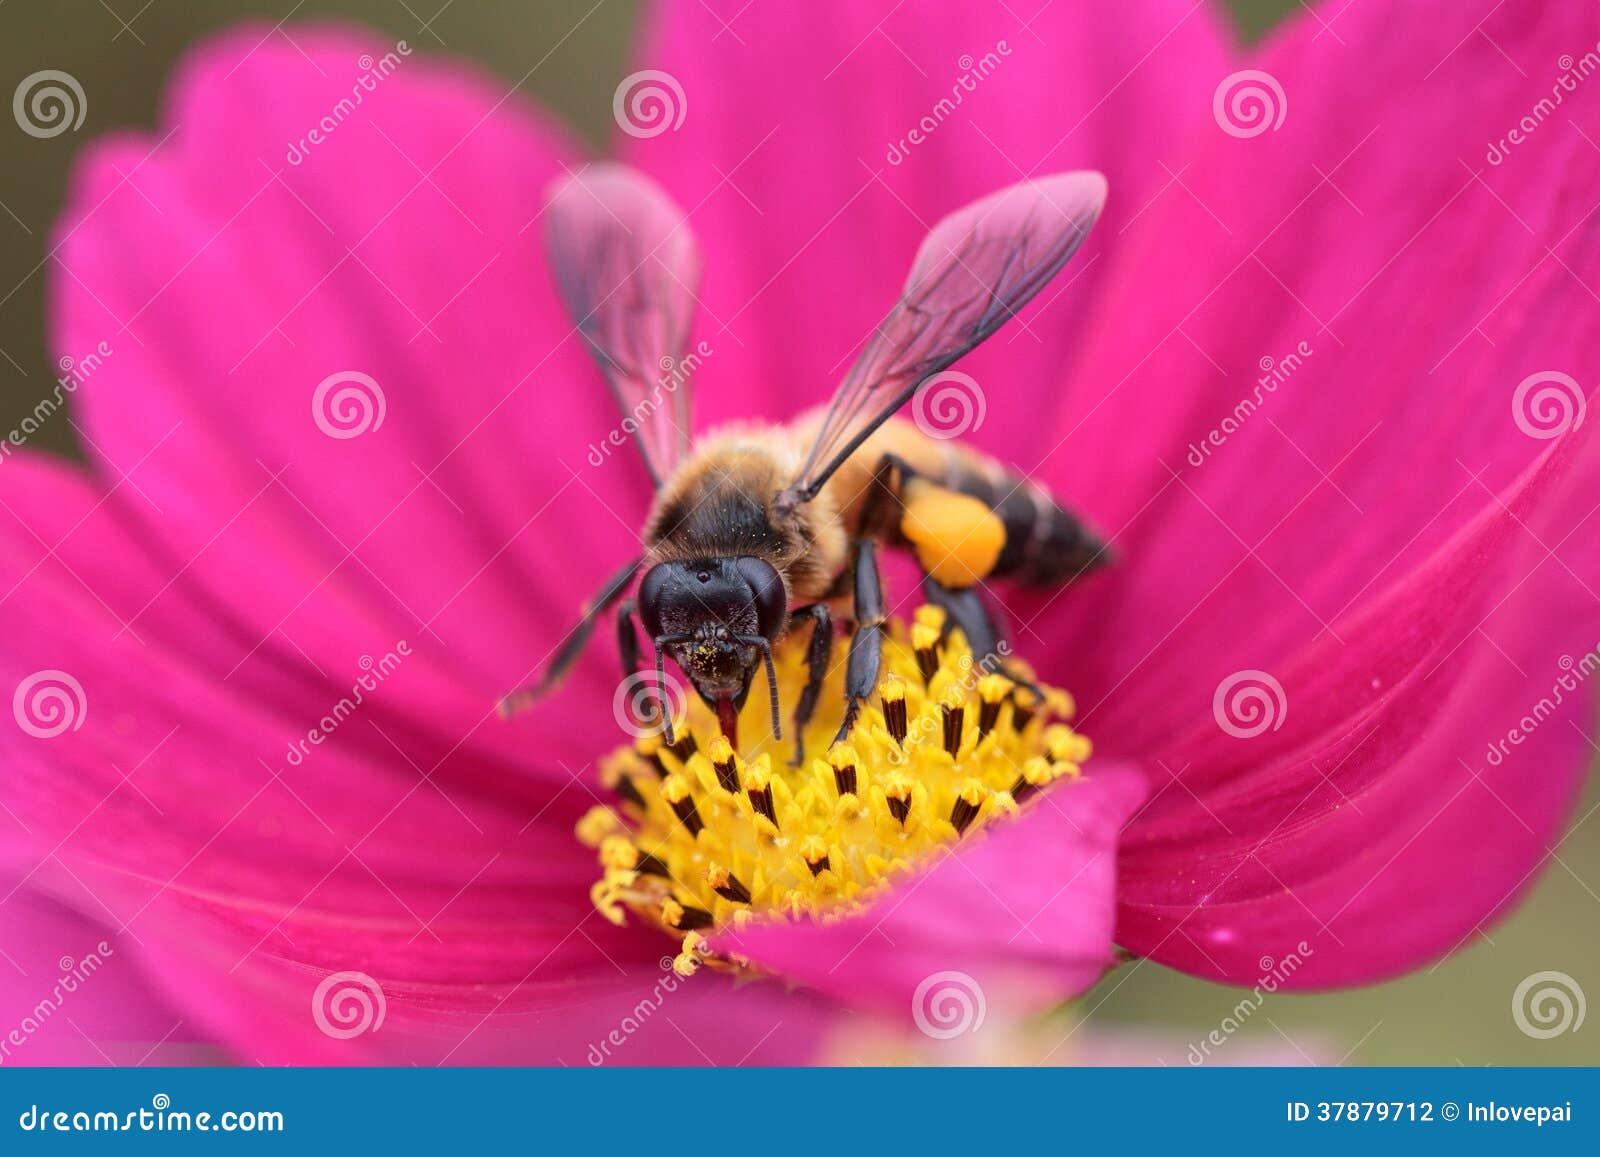 Honingbij van rode bloem wordt bestoven die